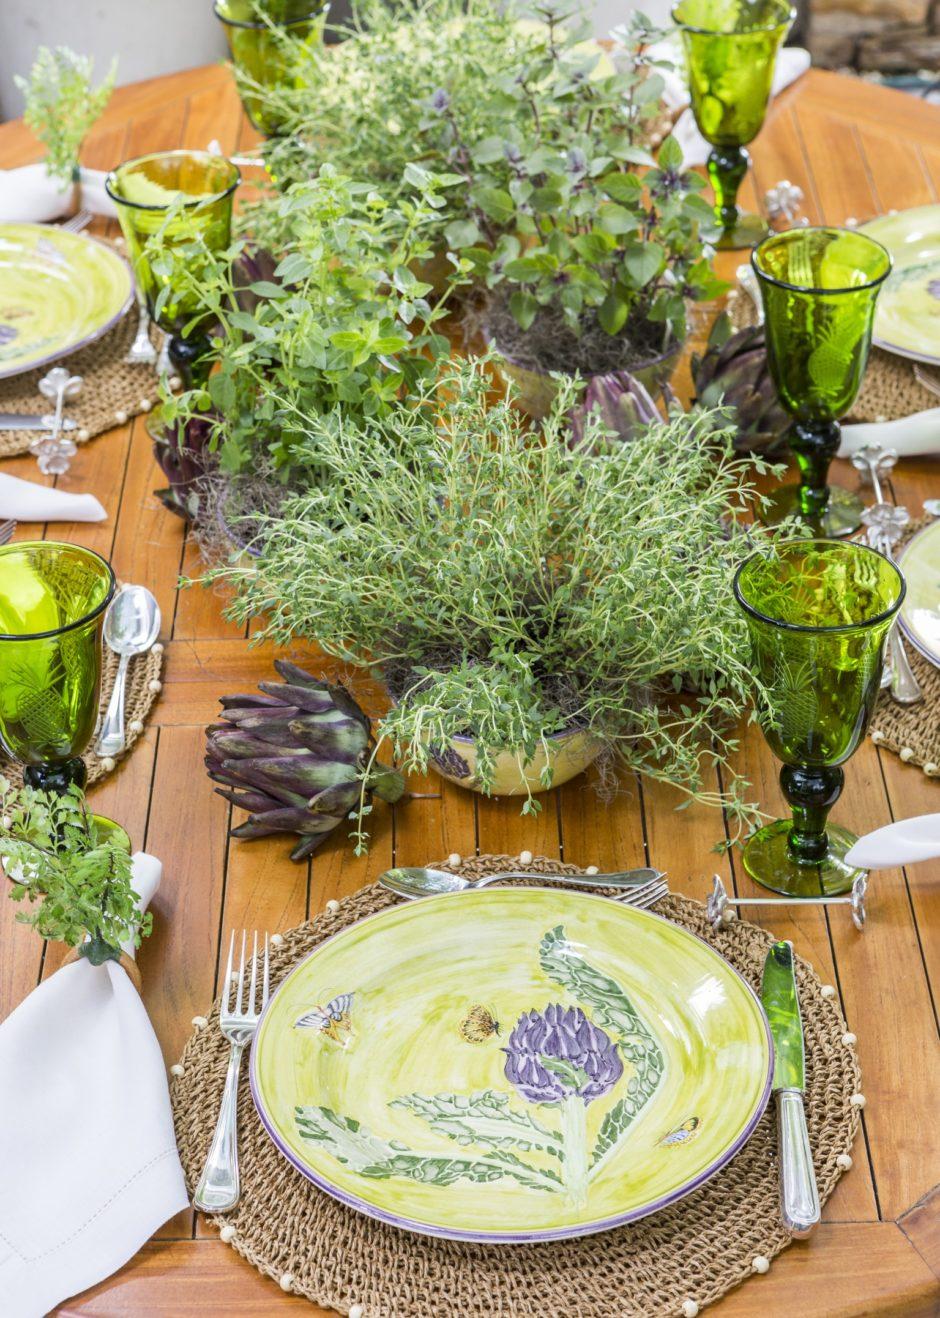 mesa para almoço de verão no jardim com bastante verde